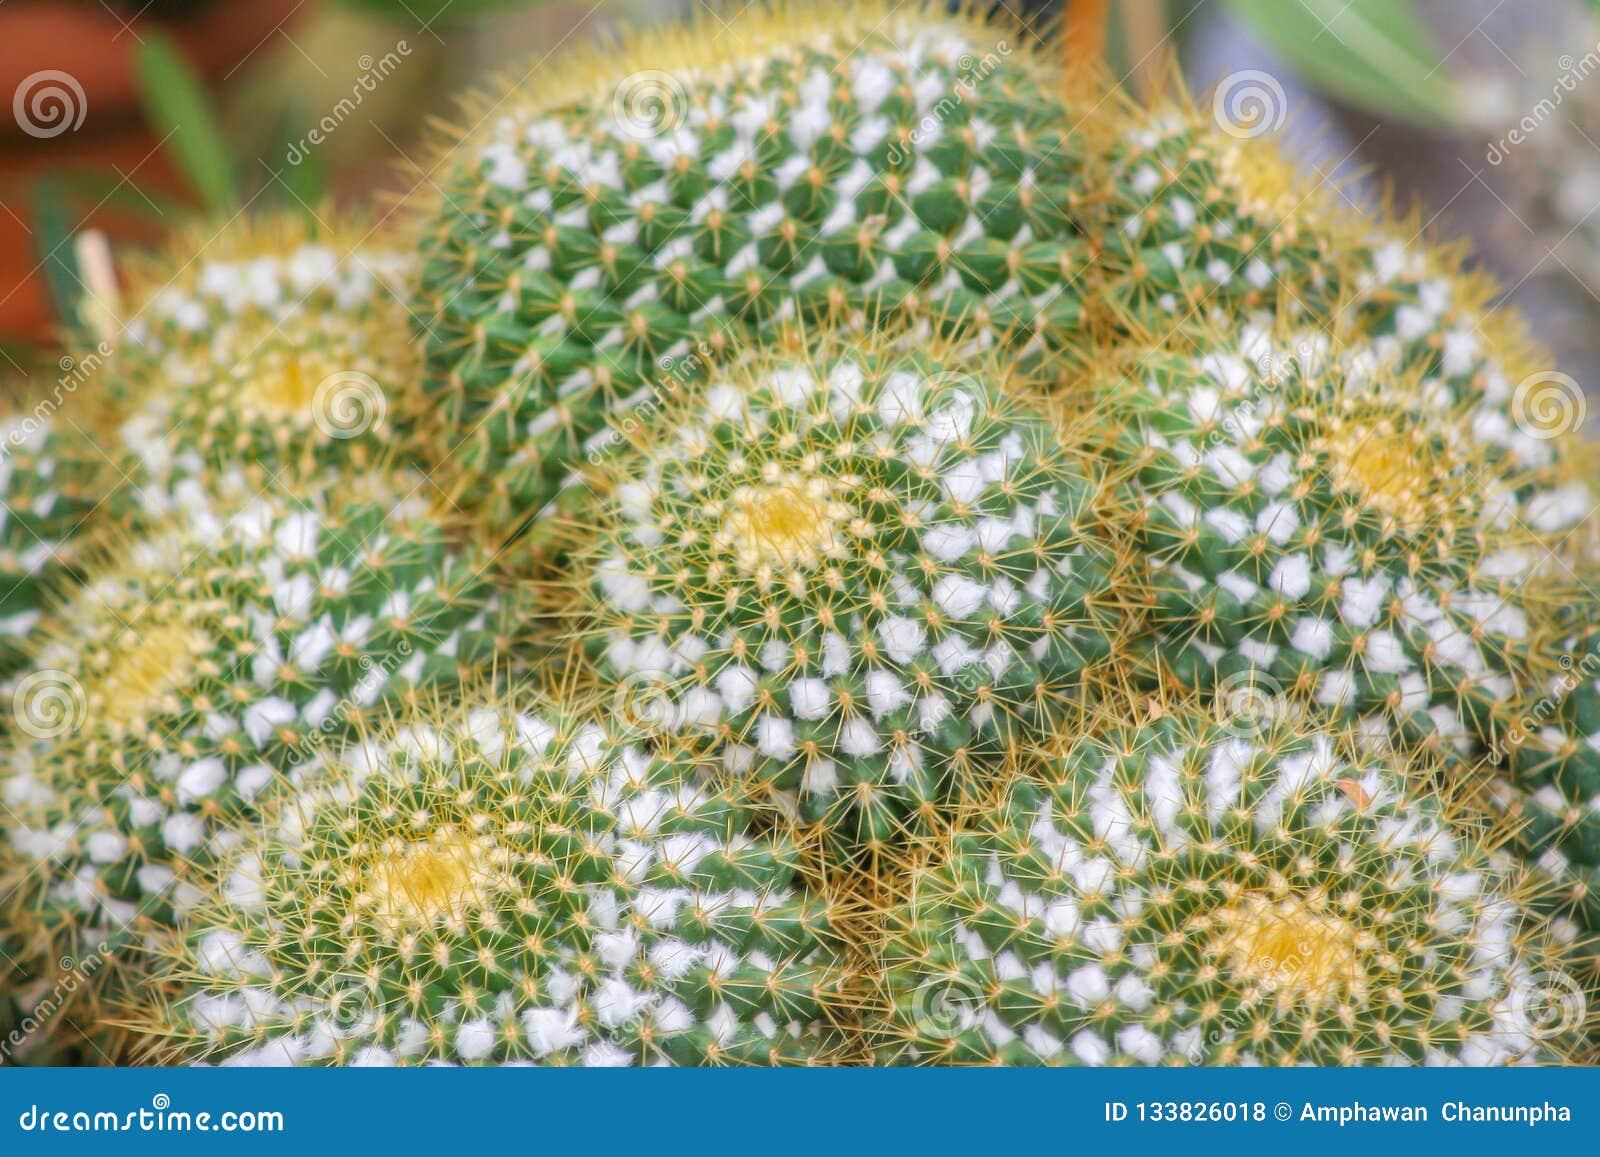 Echinocactus-grusonii oder Kaktus des goldenen Fasses, Zierpflanze des Topfes